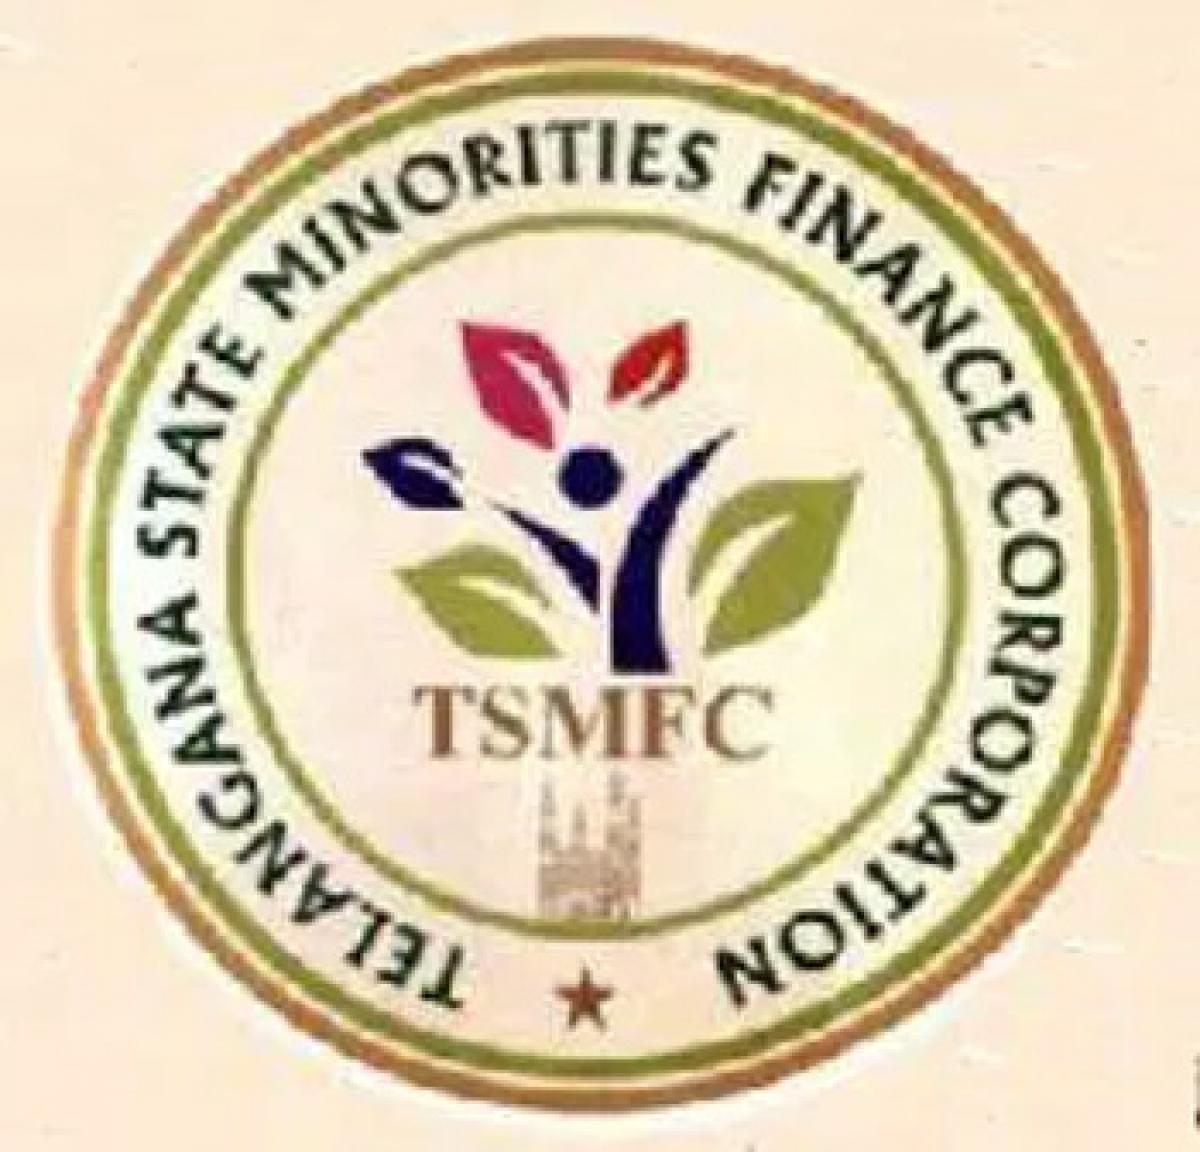 Aadhaar number wrong, but genuine card enclosed: TSMFC